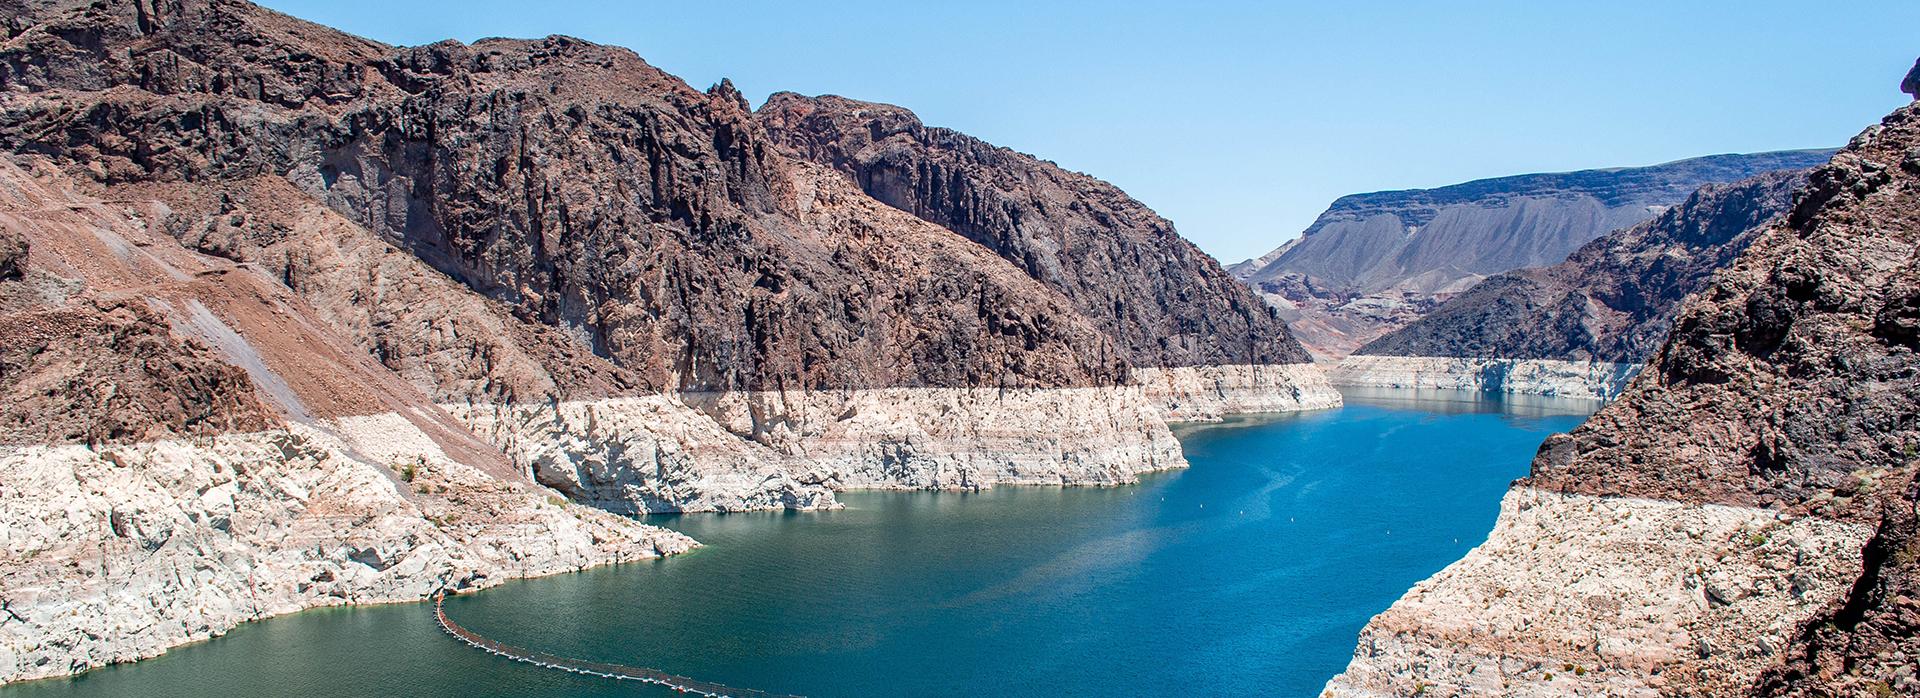 Lake Mead Bright